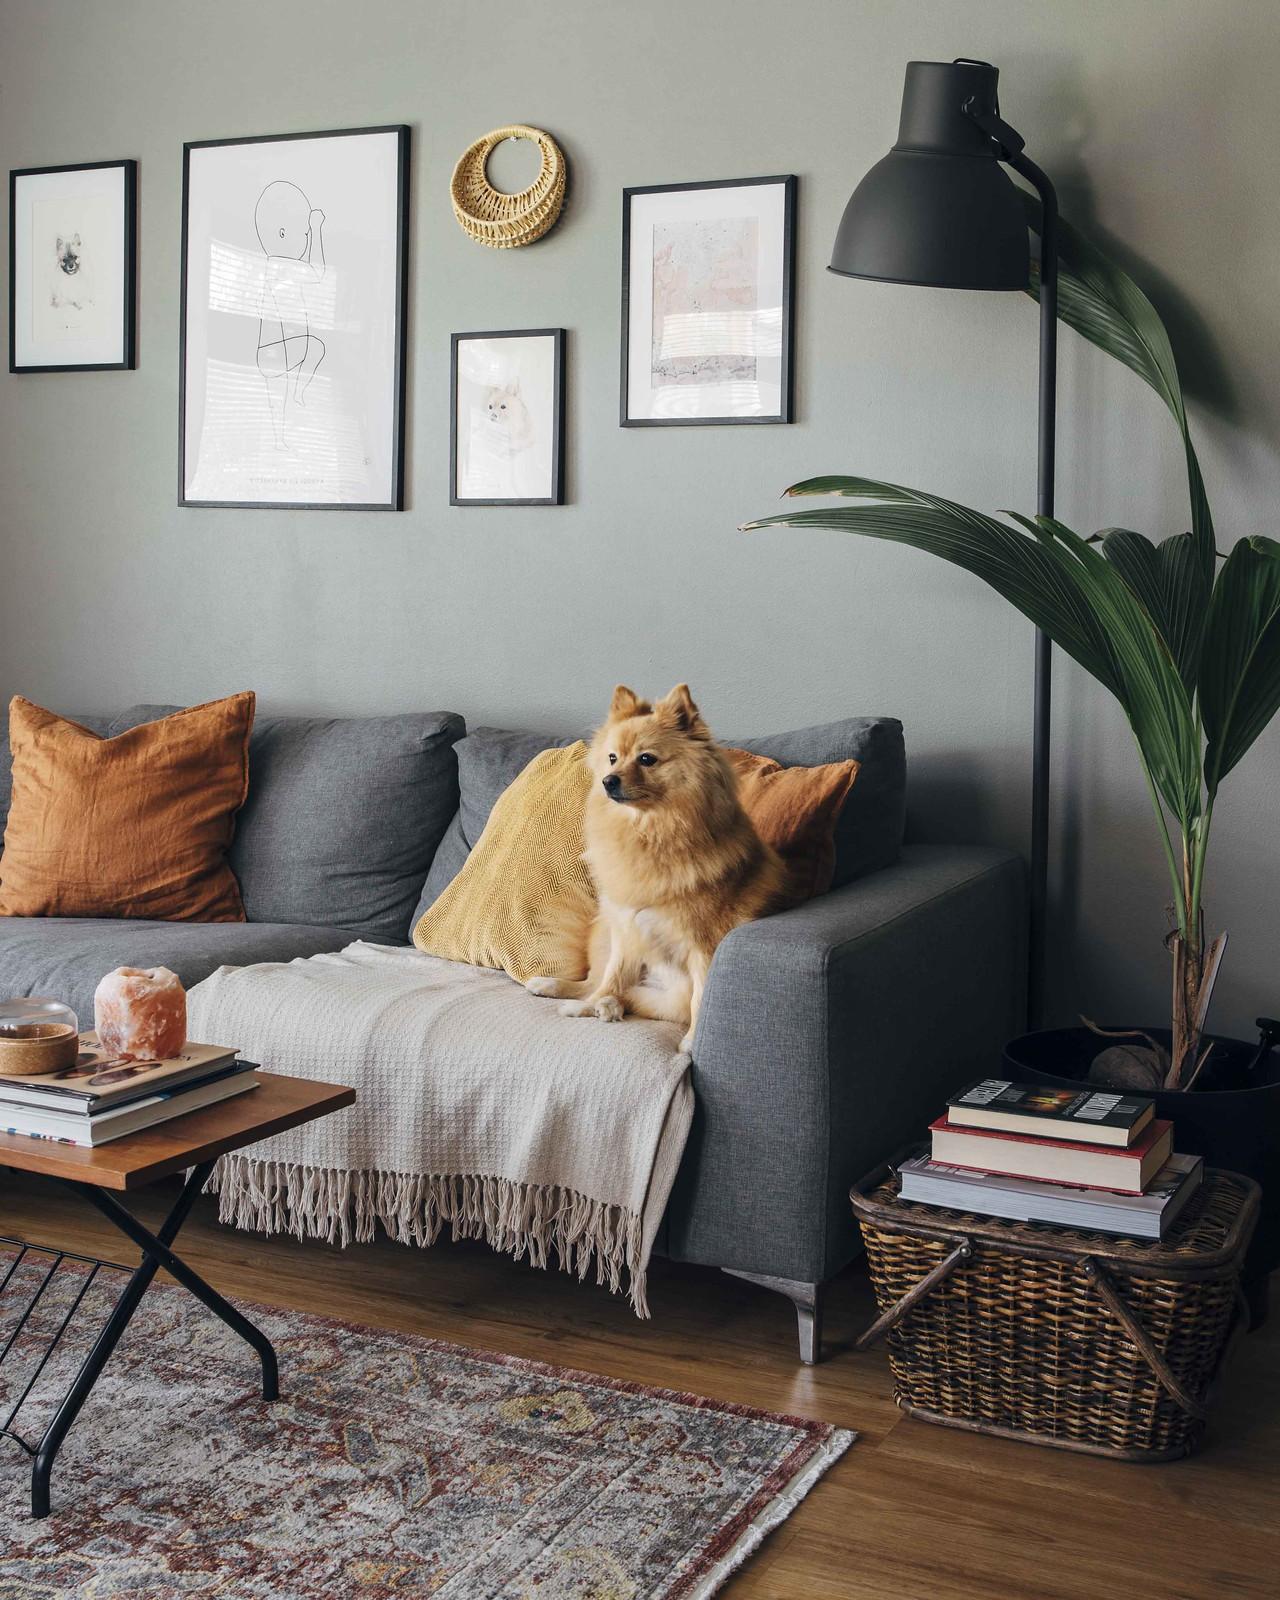 Tunnelmallinen olohuone, jossa harmaa seinä ja harmaa sohva. Sohvalla istuu oranssi koira.